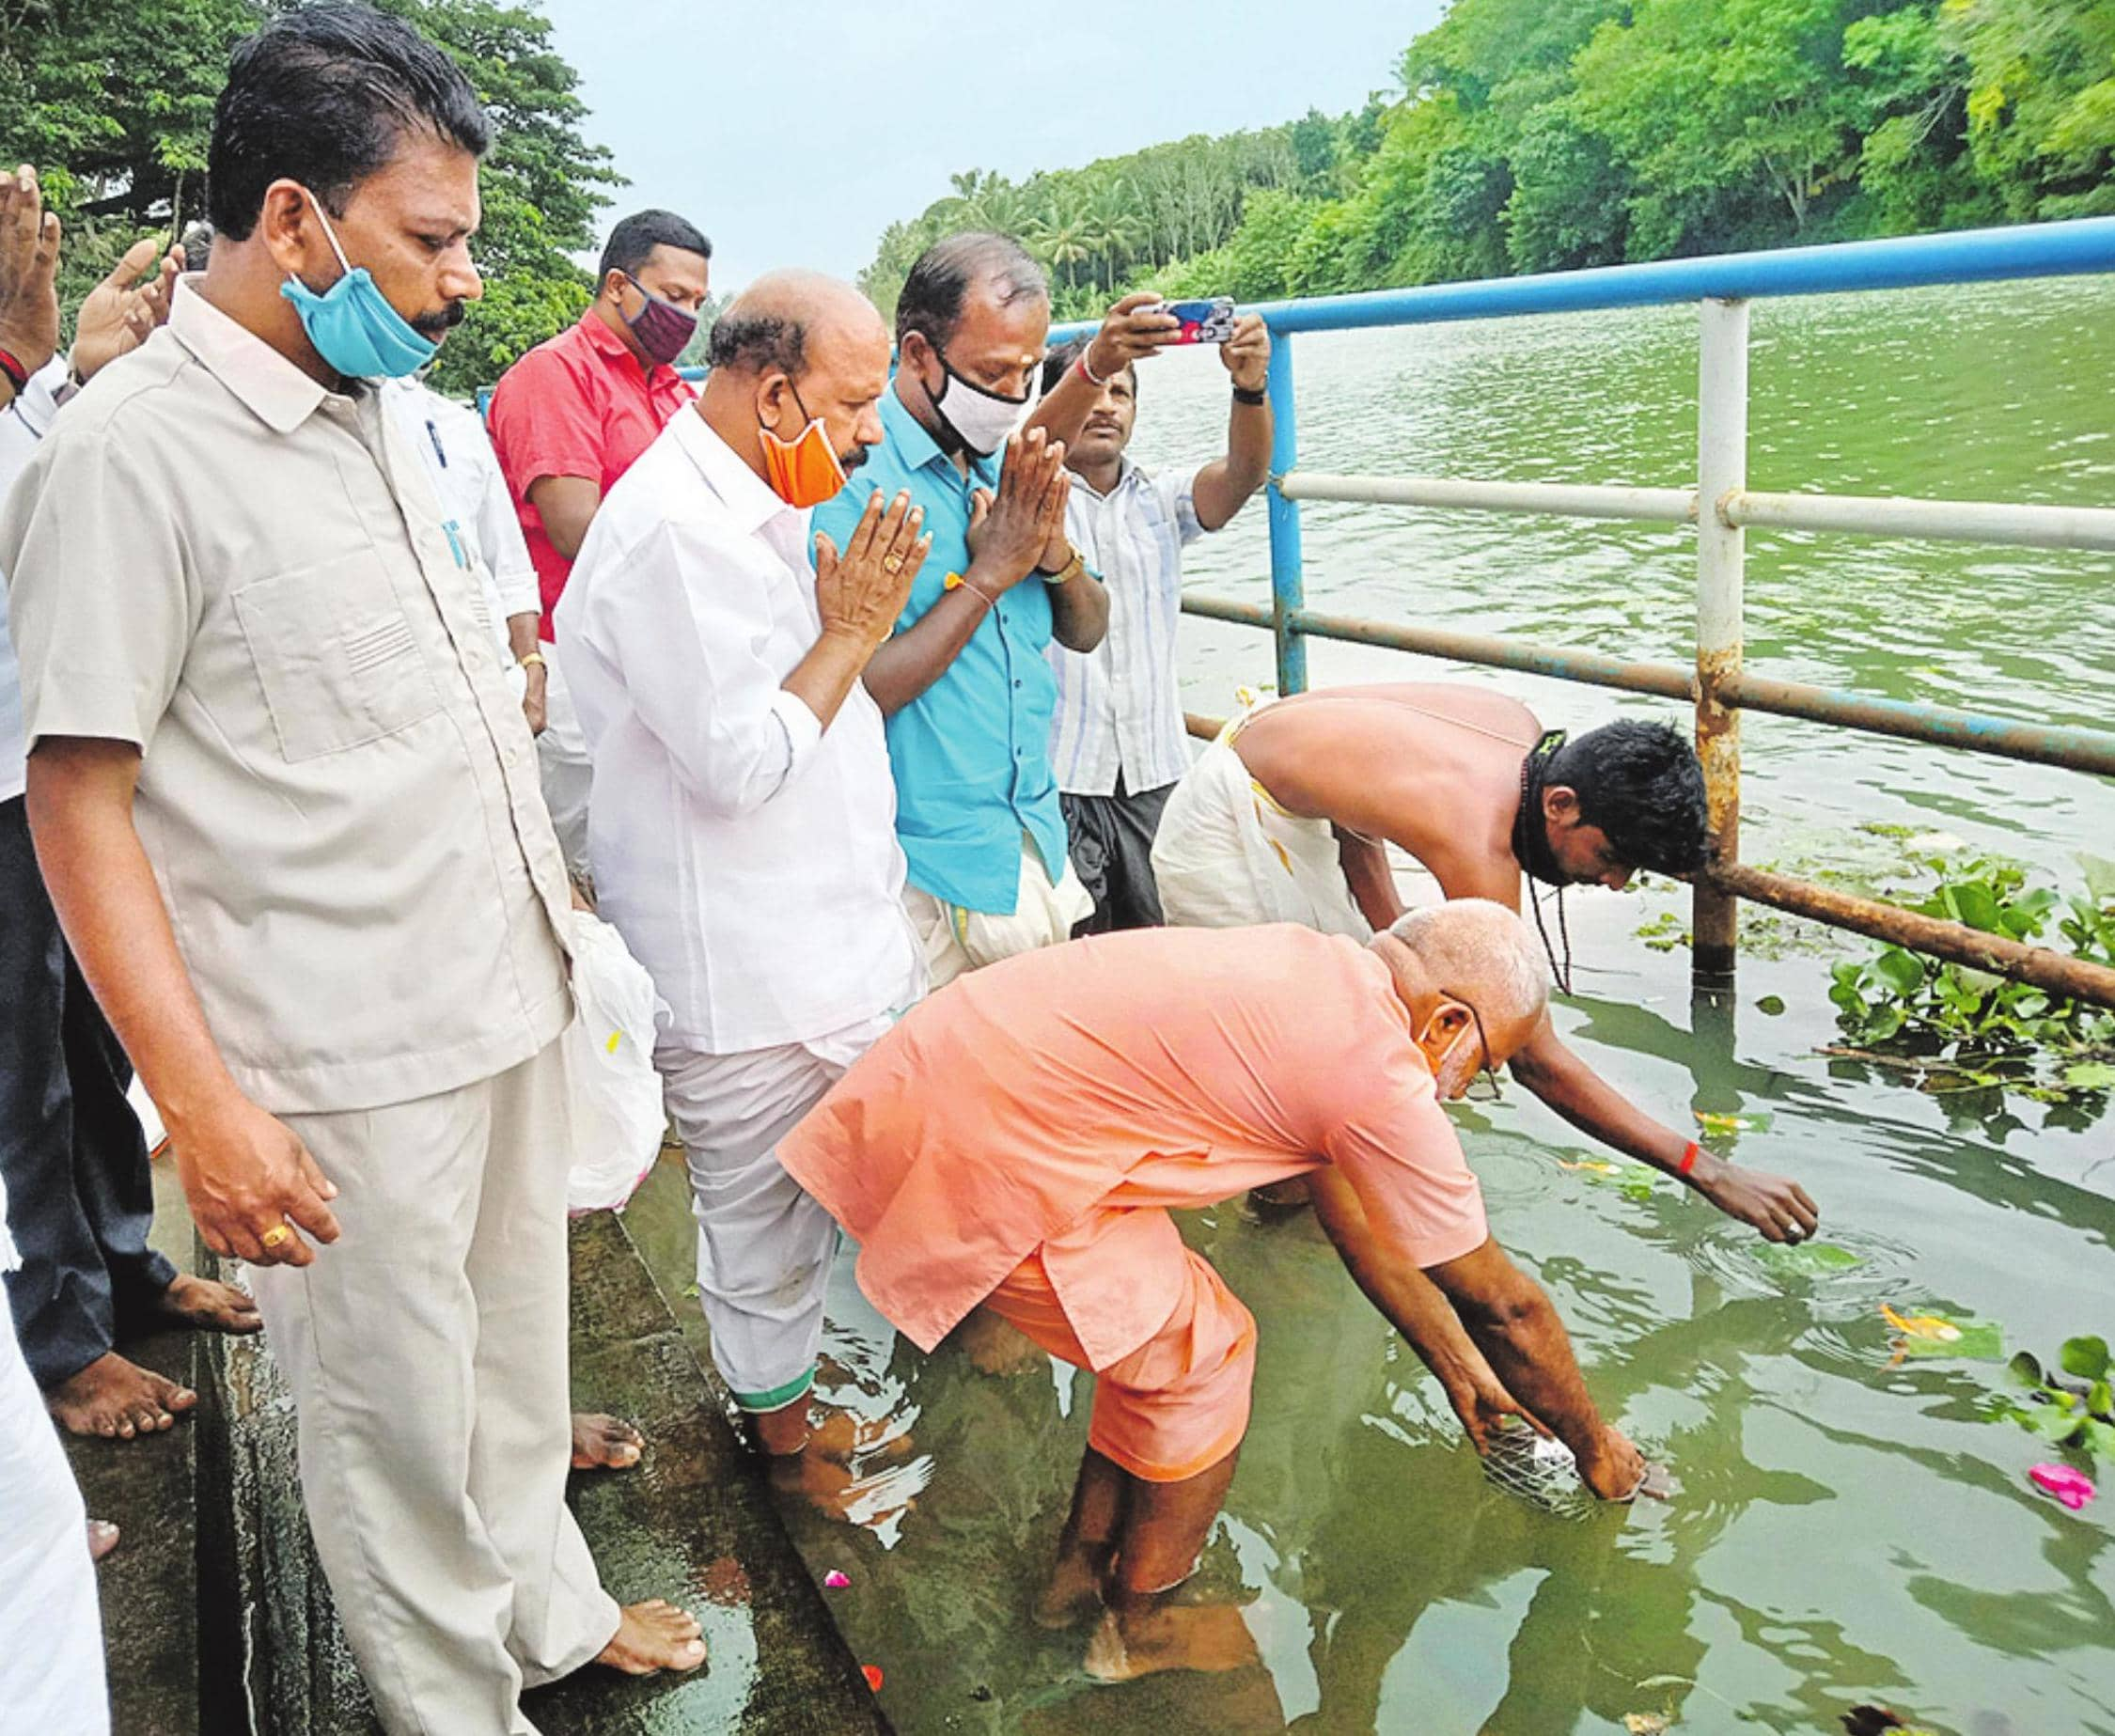 குழித்துறை தாமிரவருணி நதியிலிருந்து அயோத்தி ராமர் கோயிலுக்கு புனித நீர்